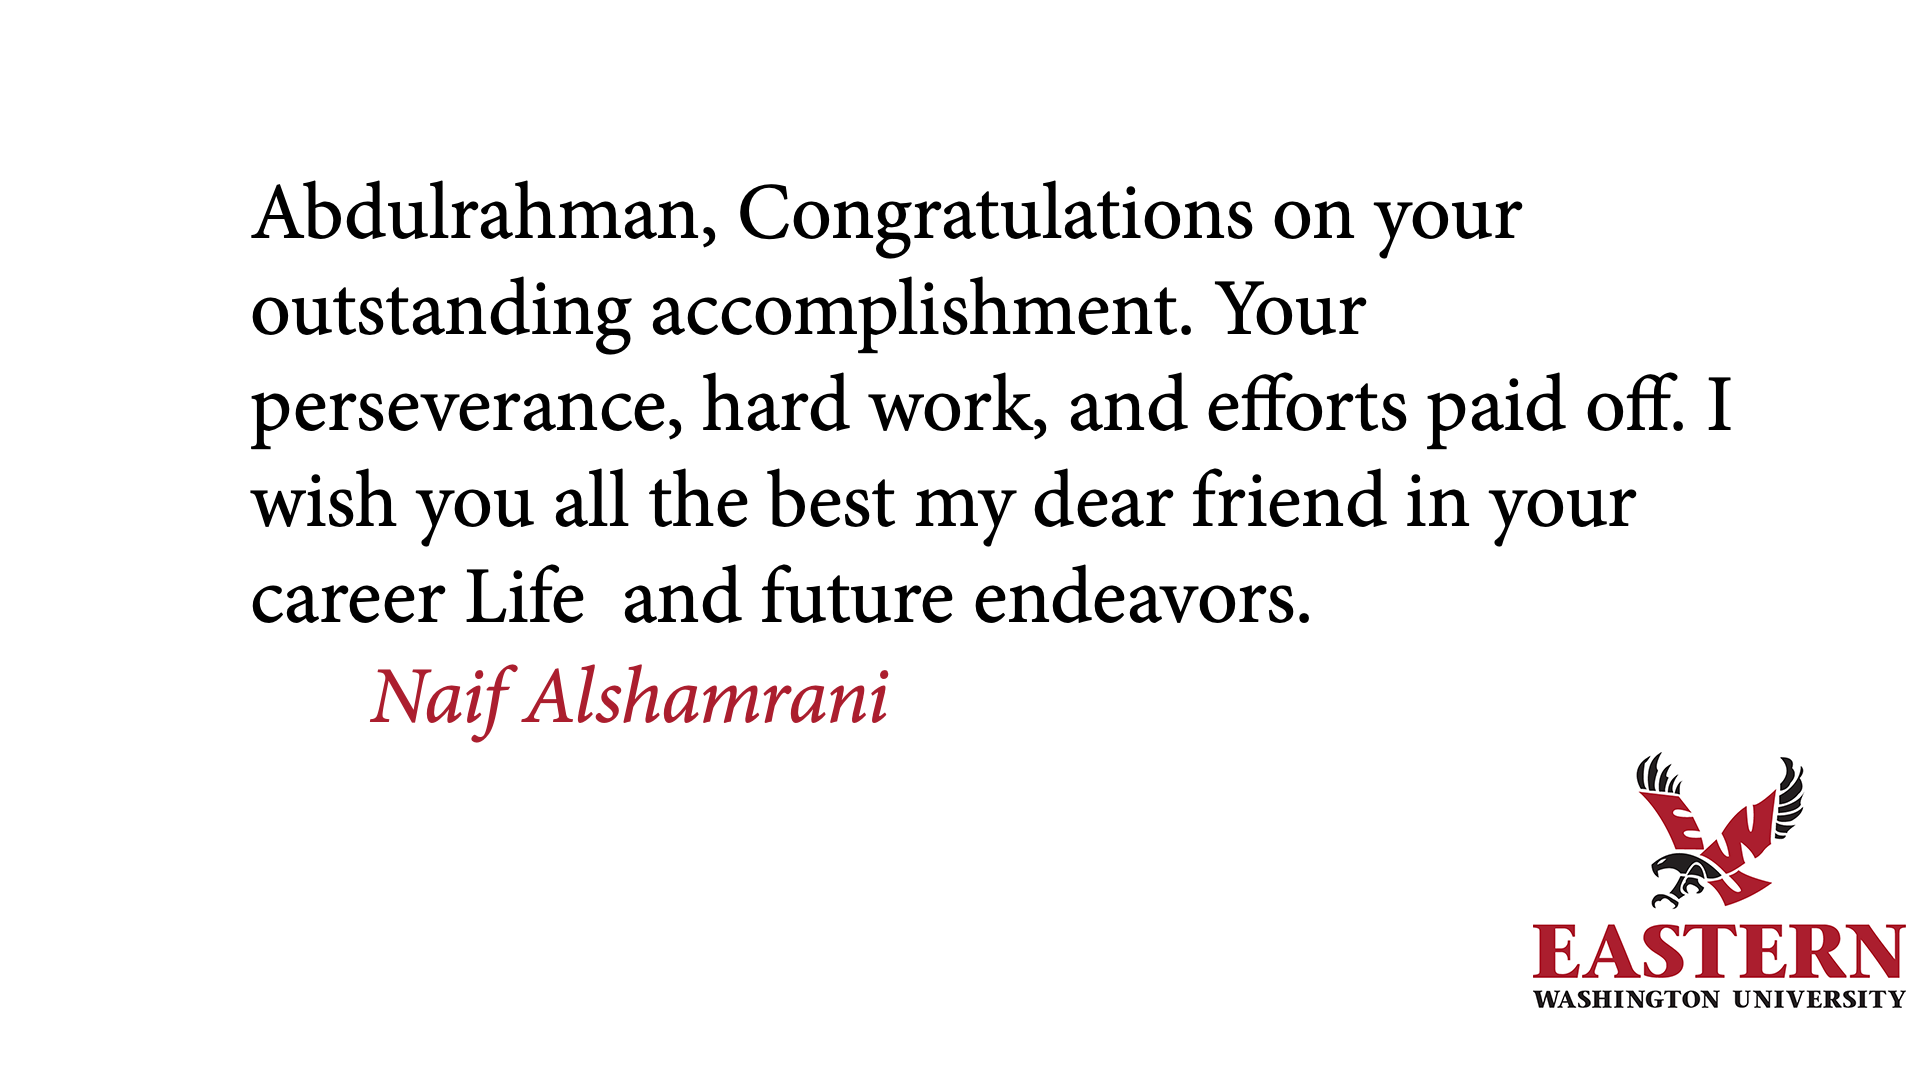 tbi_abdulrahman-abdullah-a_2807.png